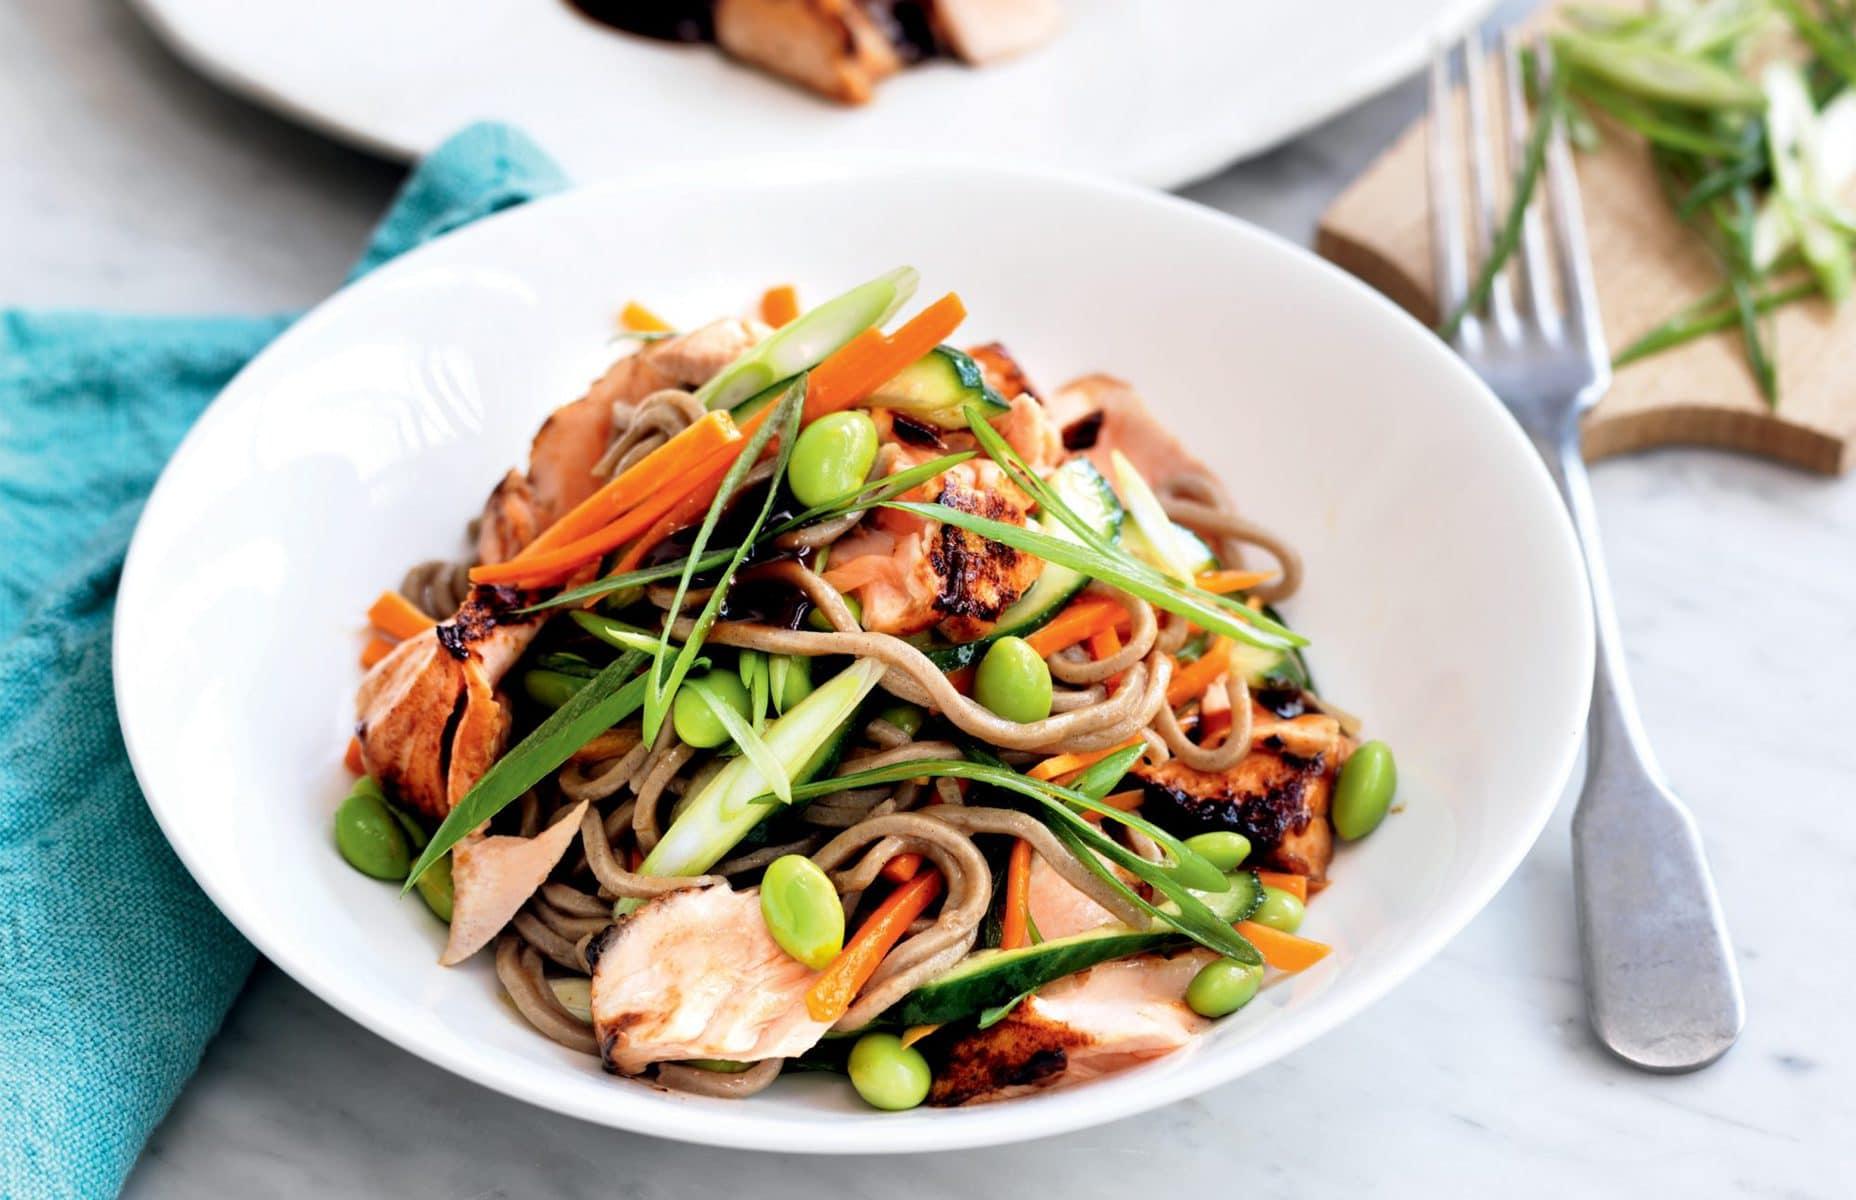 Teriyaki salmon and edamame soba noodle salad